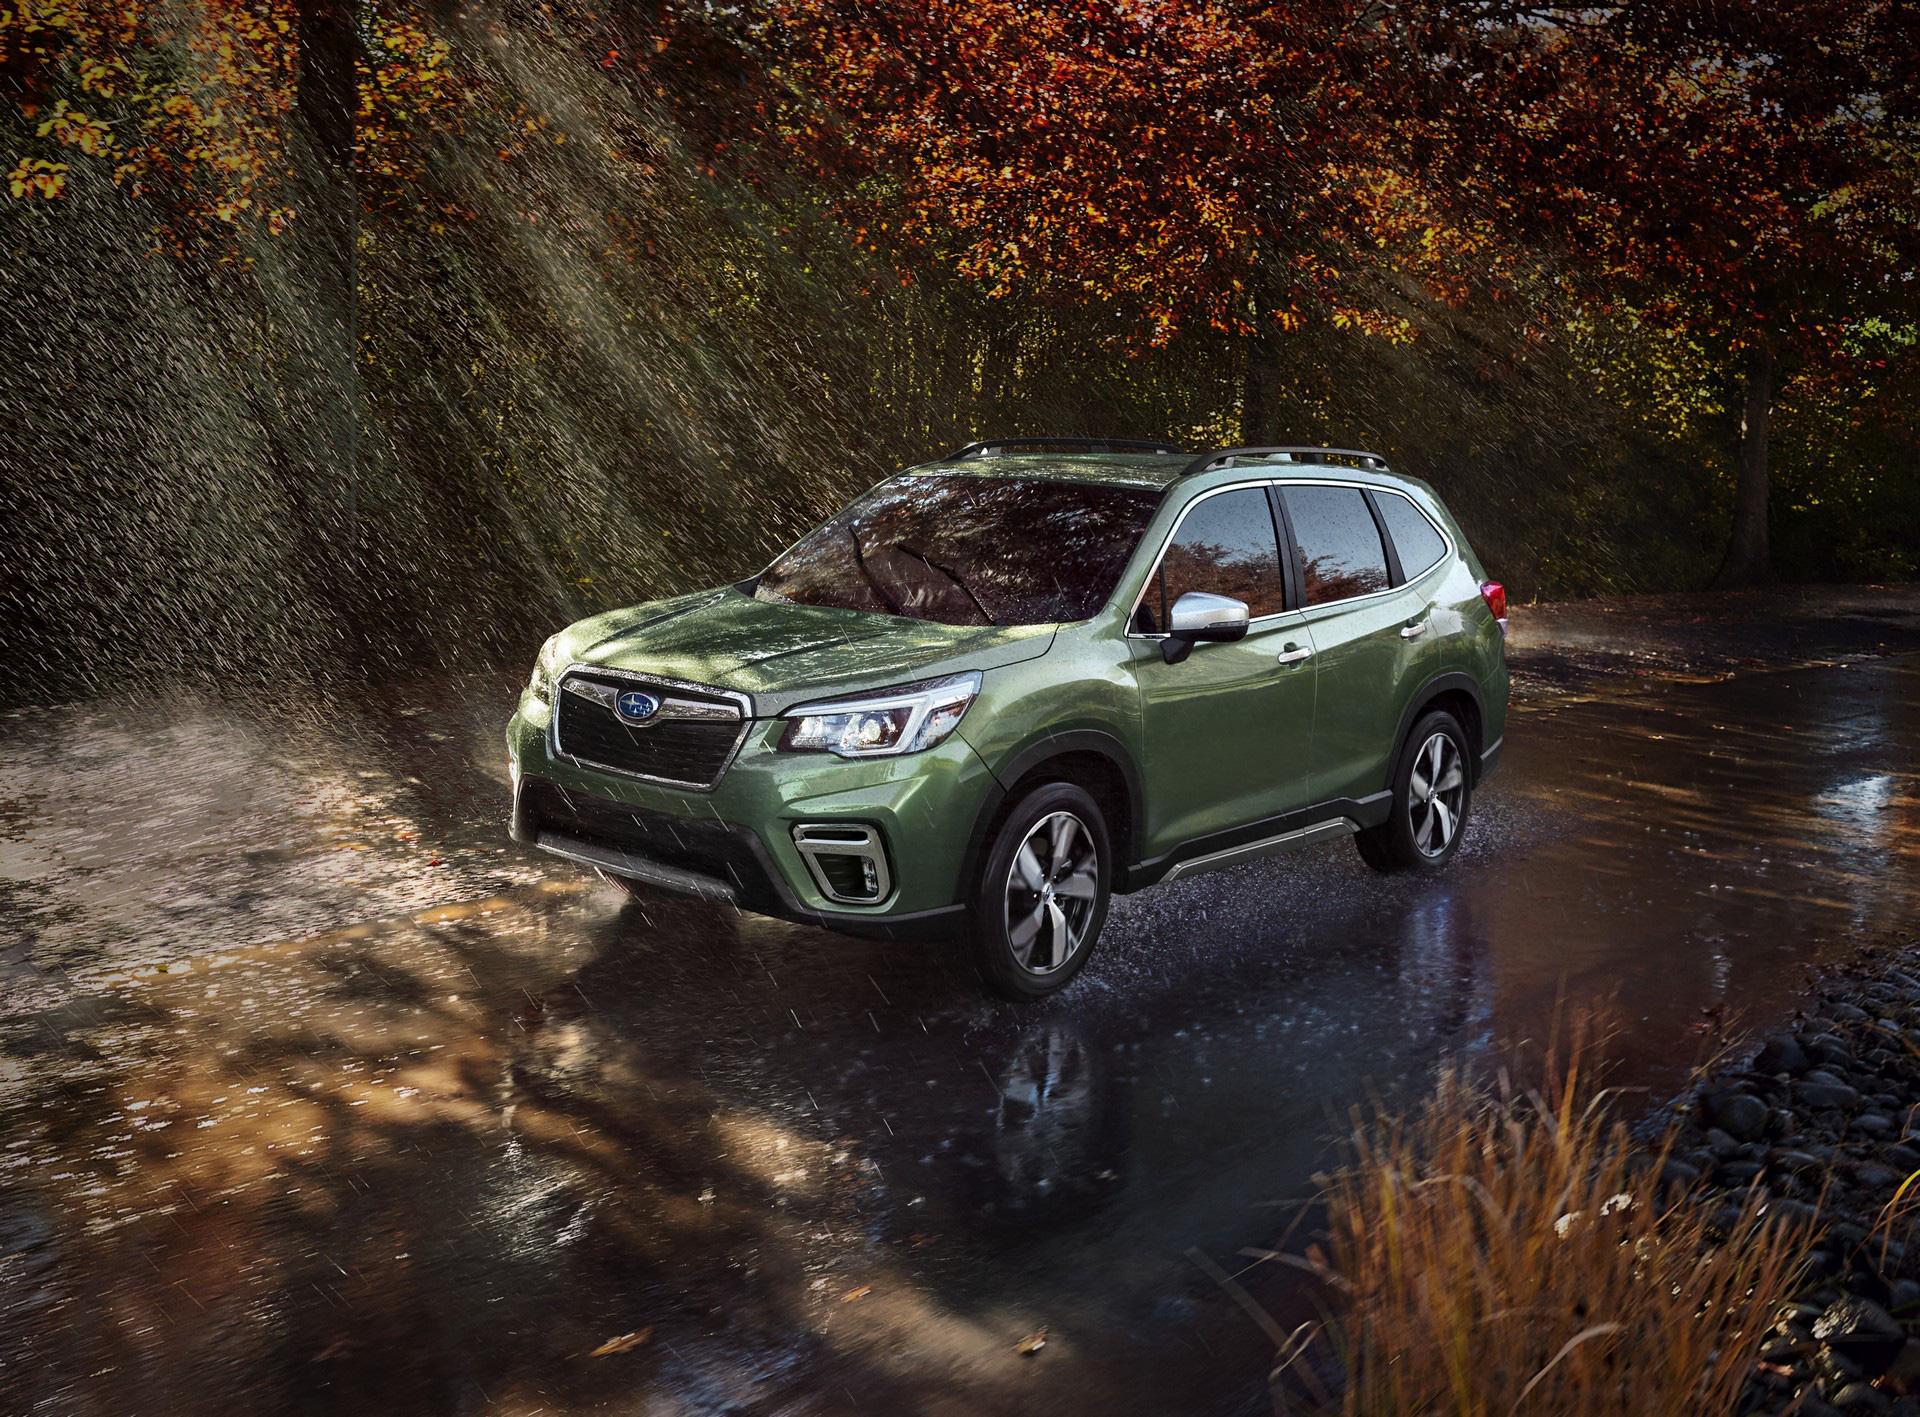 Subaru Forester thêm động cơ tăng áp, đe dọa Honda CR-V - Ảnh 1.